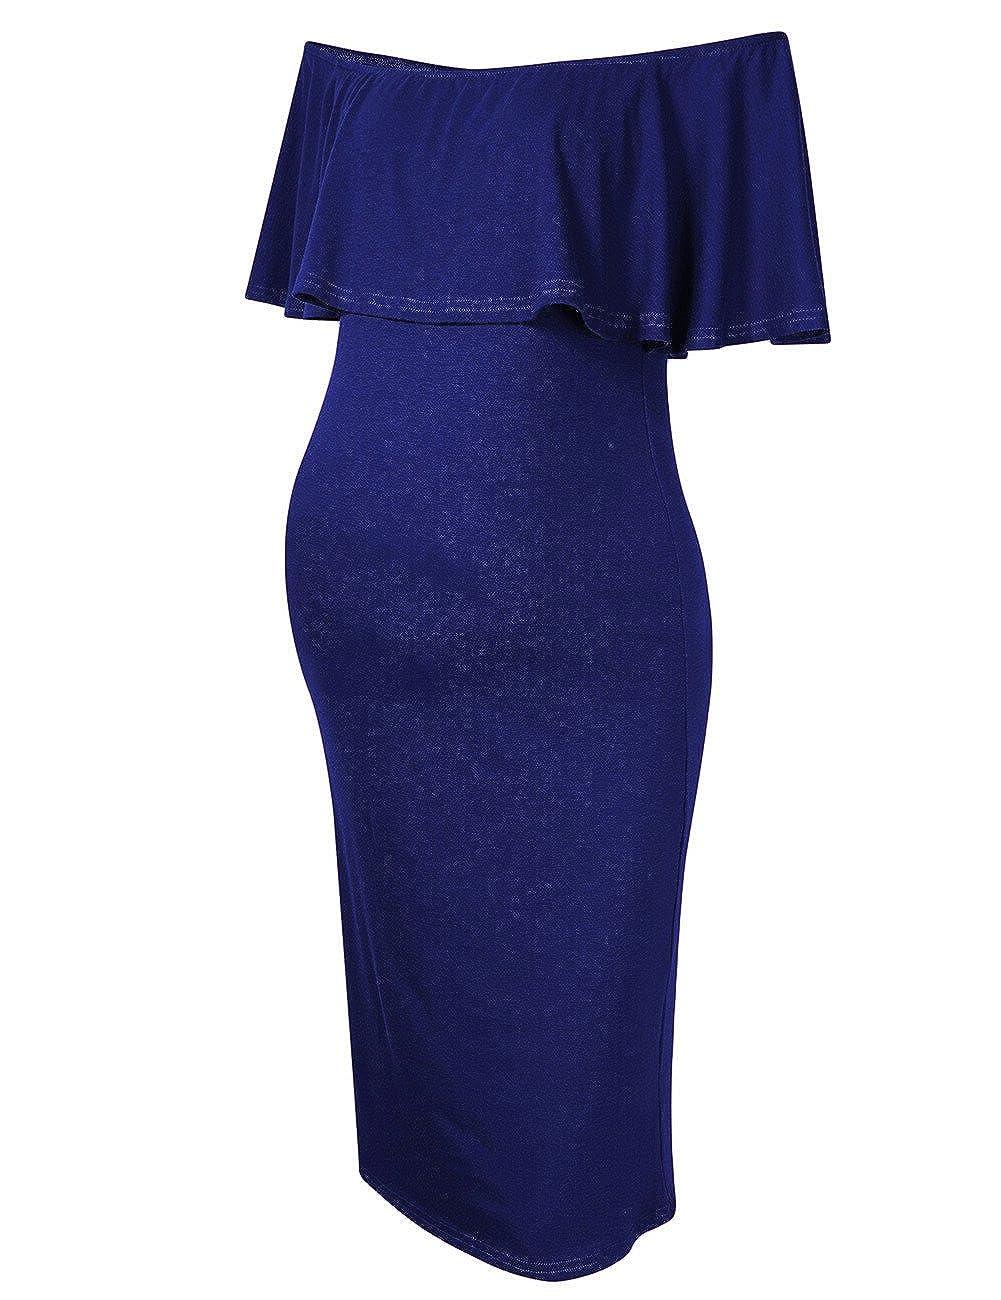 MissQee DRESS レディース B078RFGC68 X-Large|ネイビーブルー ネイビーブルー X-Large